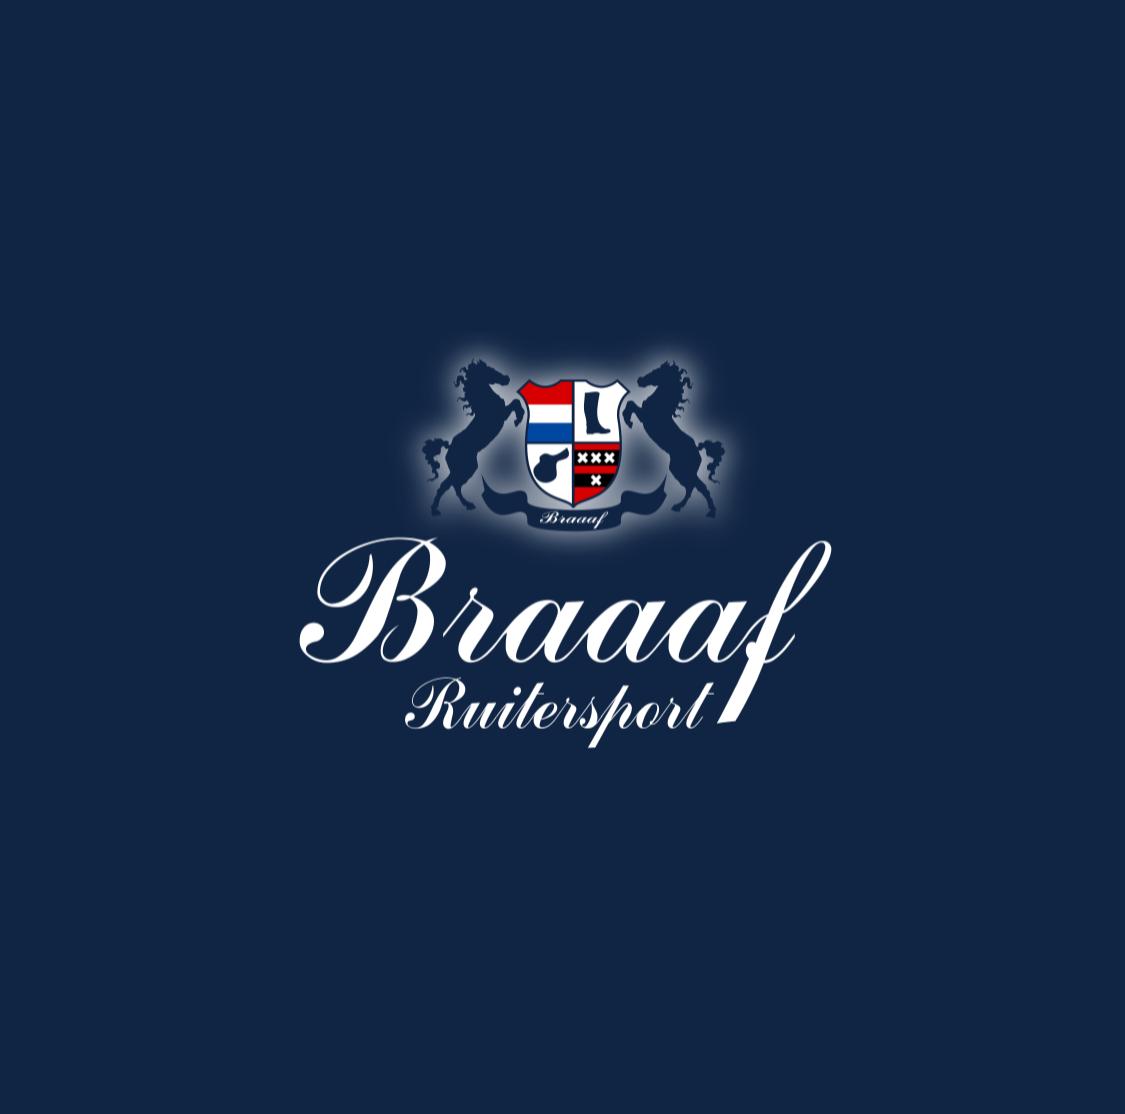 Braaaf